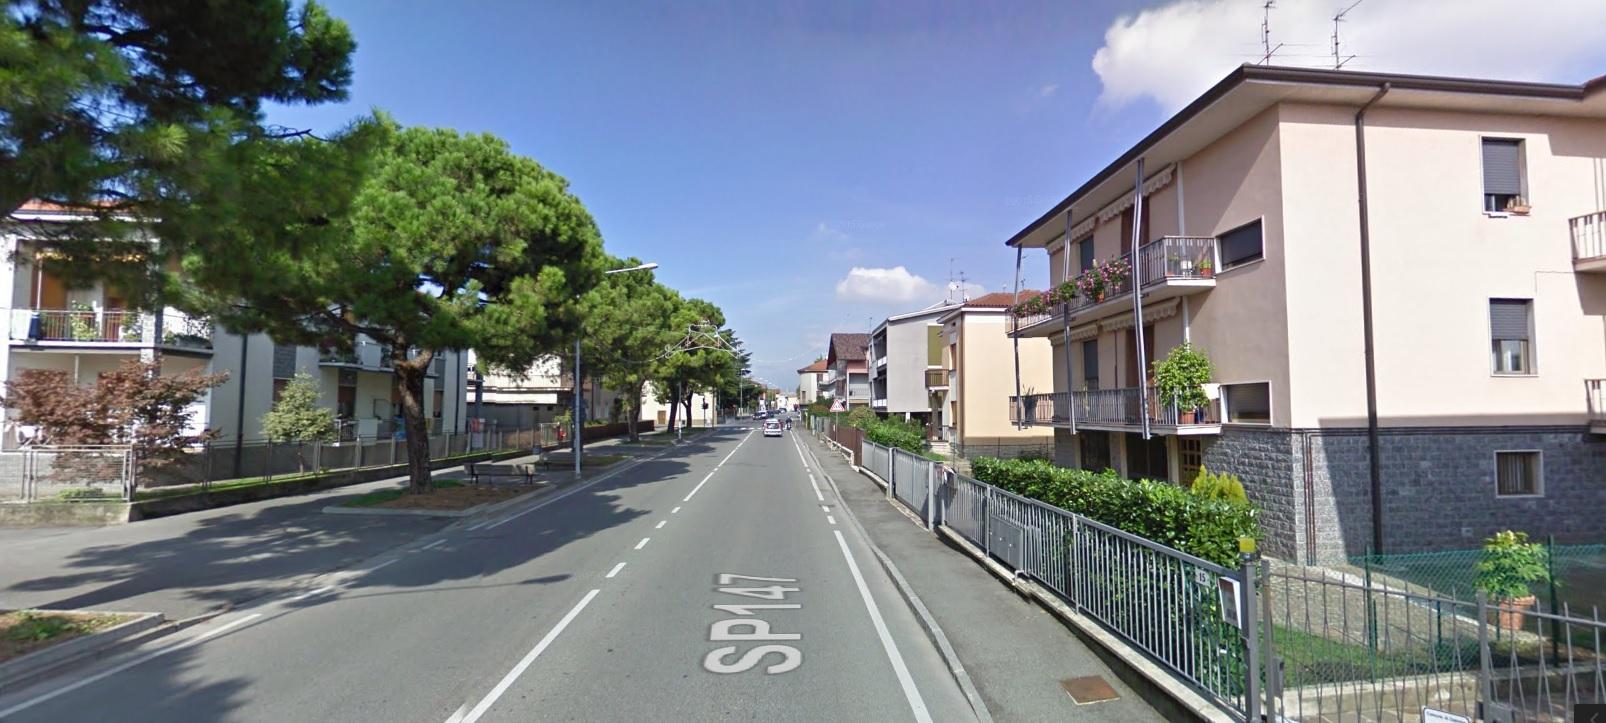 Via Tiraboschi